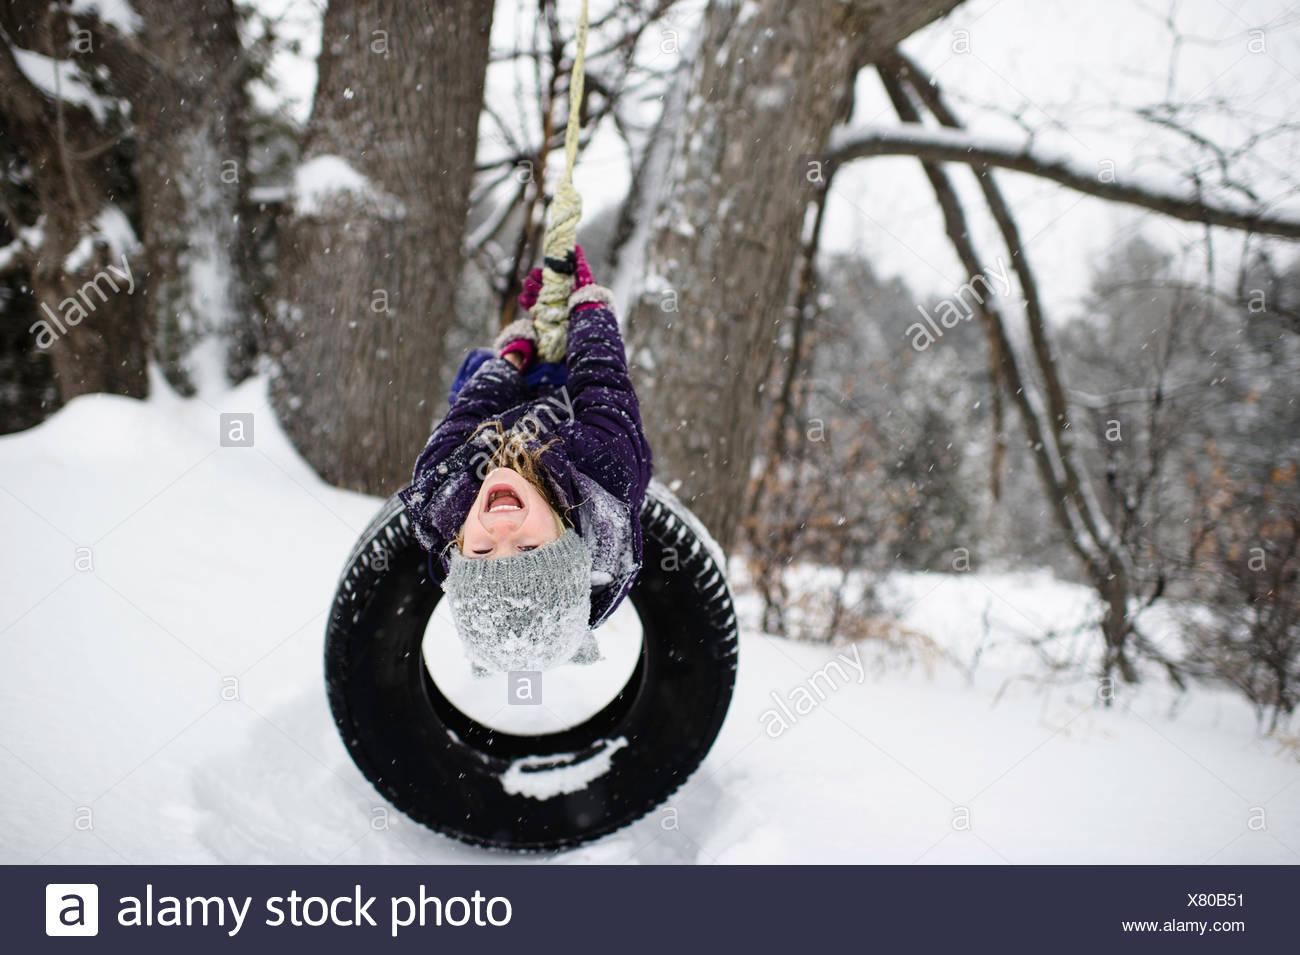 Jeune fille à l'envers sur balançoire pneu dans la neige Photo Stock